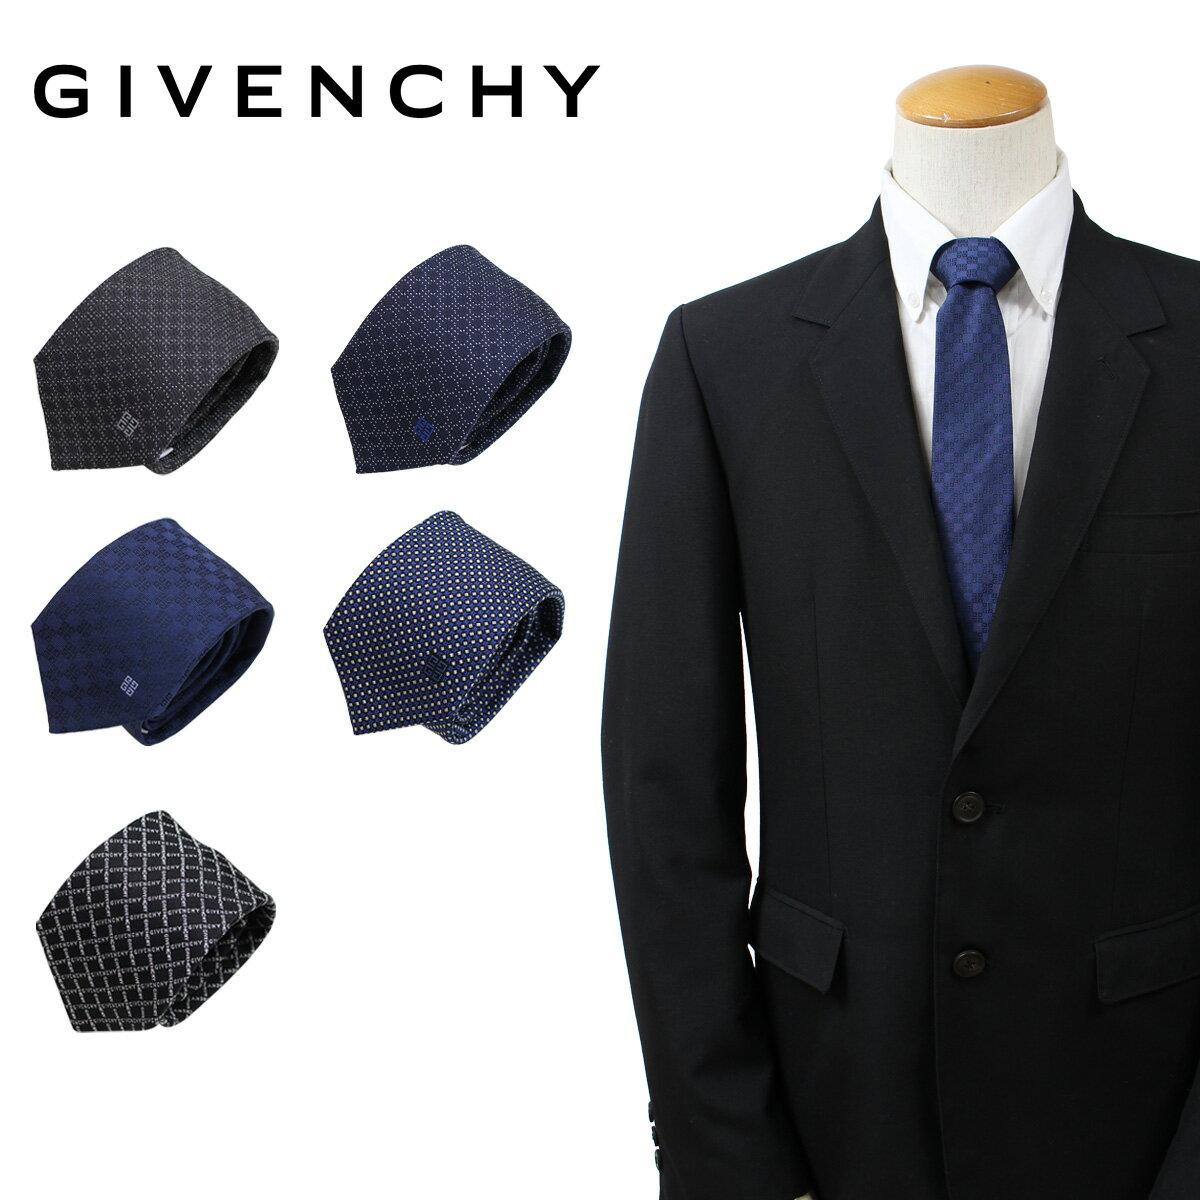 GIVENCHY ジバンシー ネクタイ シルク メンズ ジバンシイ カジュアル ビジネス 結婚式 イタリア製